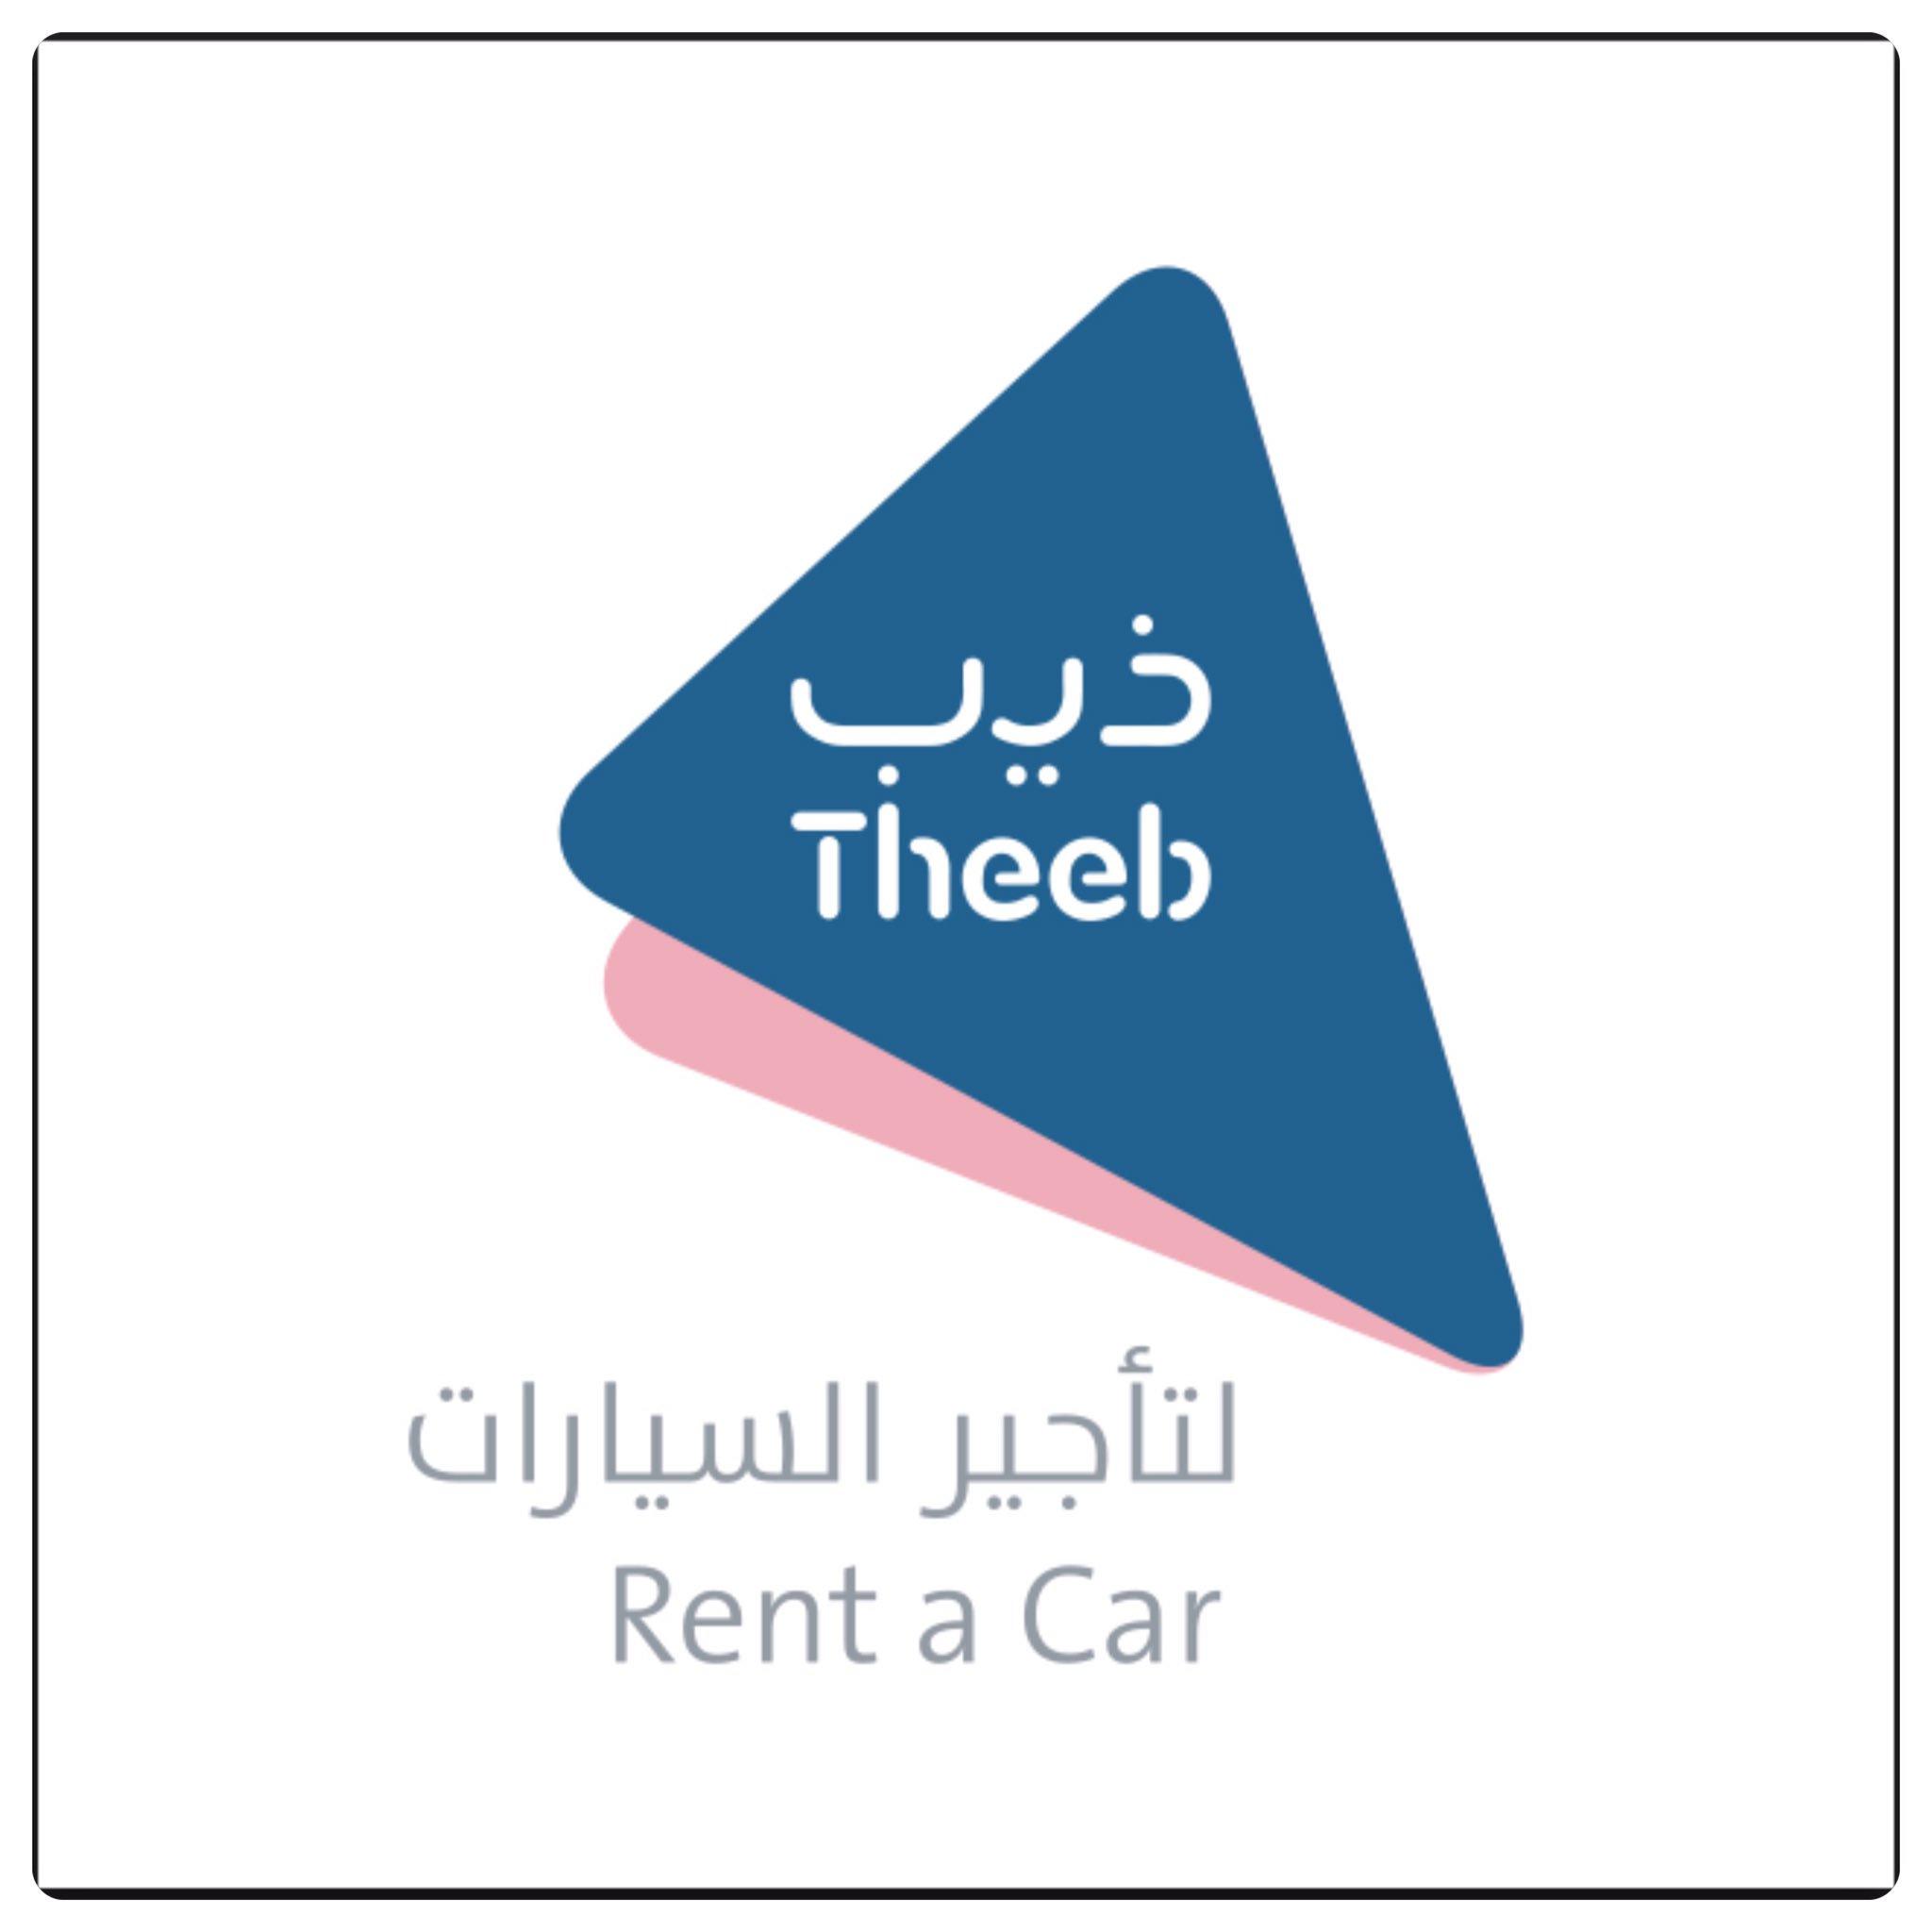 شركة ذيب لتأجير السيارات بدء التقديم في برنامج التدريب التعاوني (التسويق)